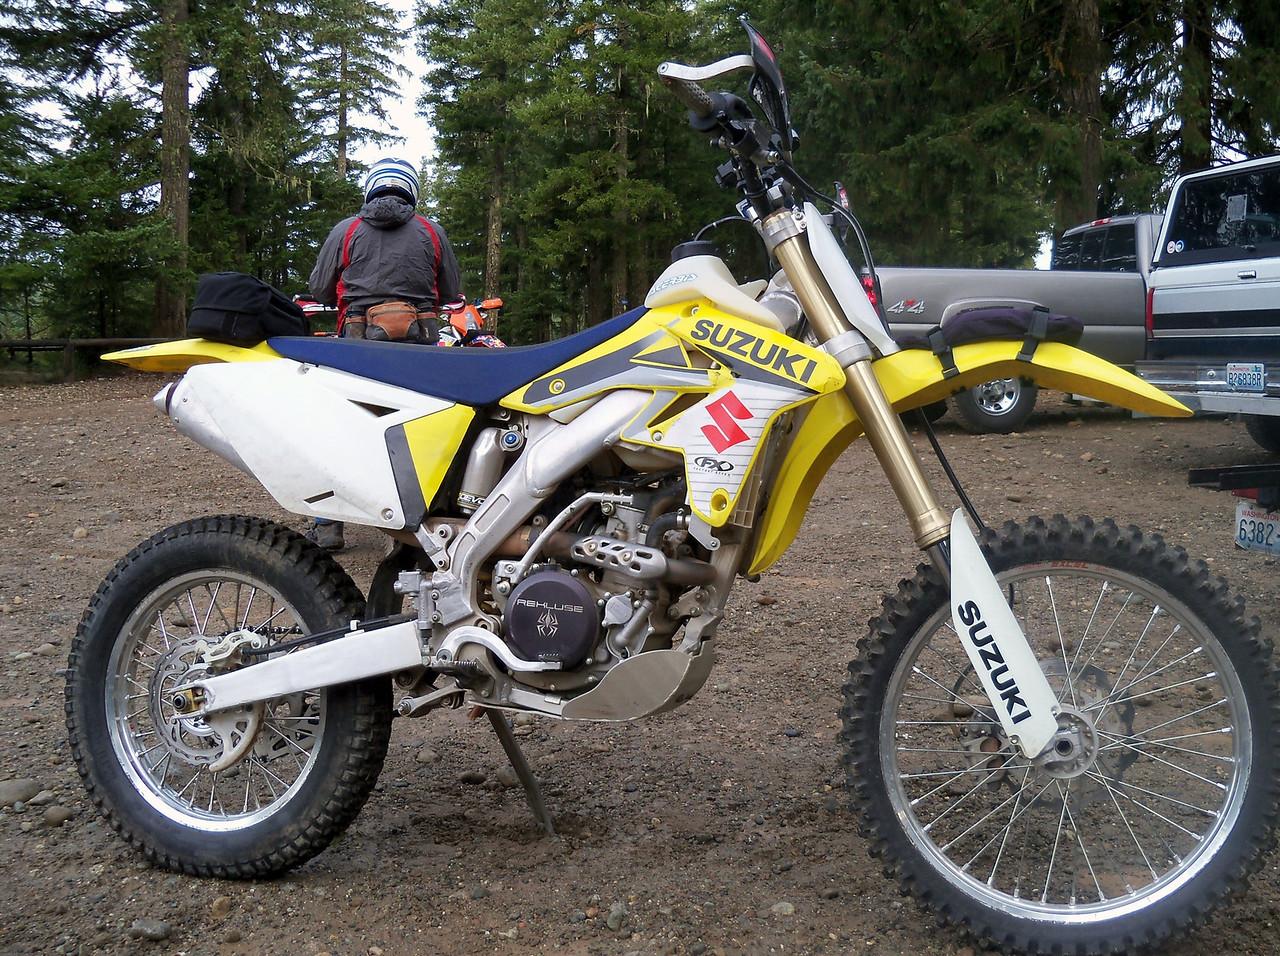 My RMZ 250